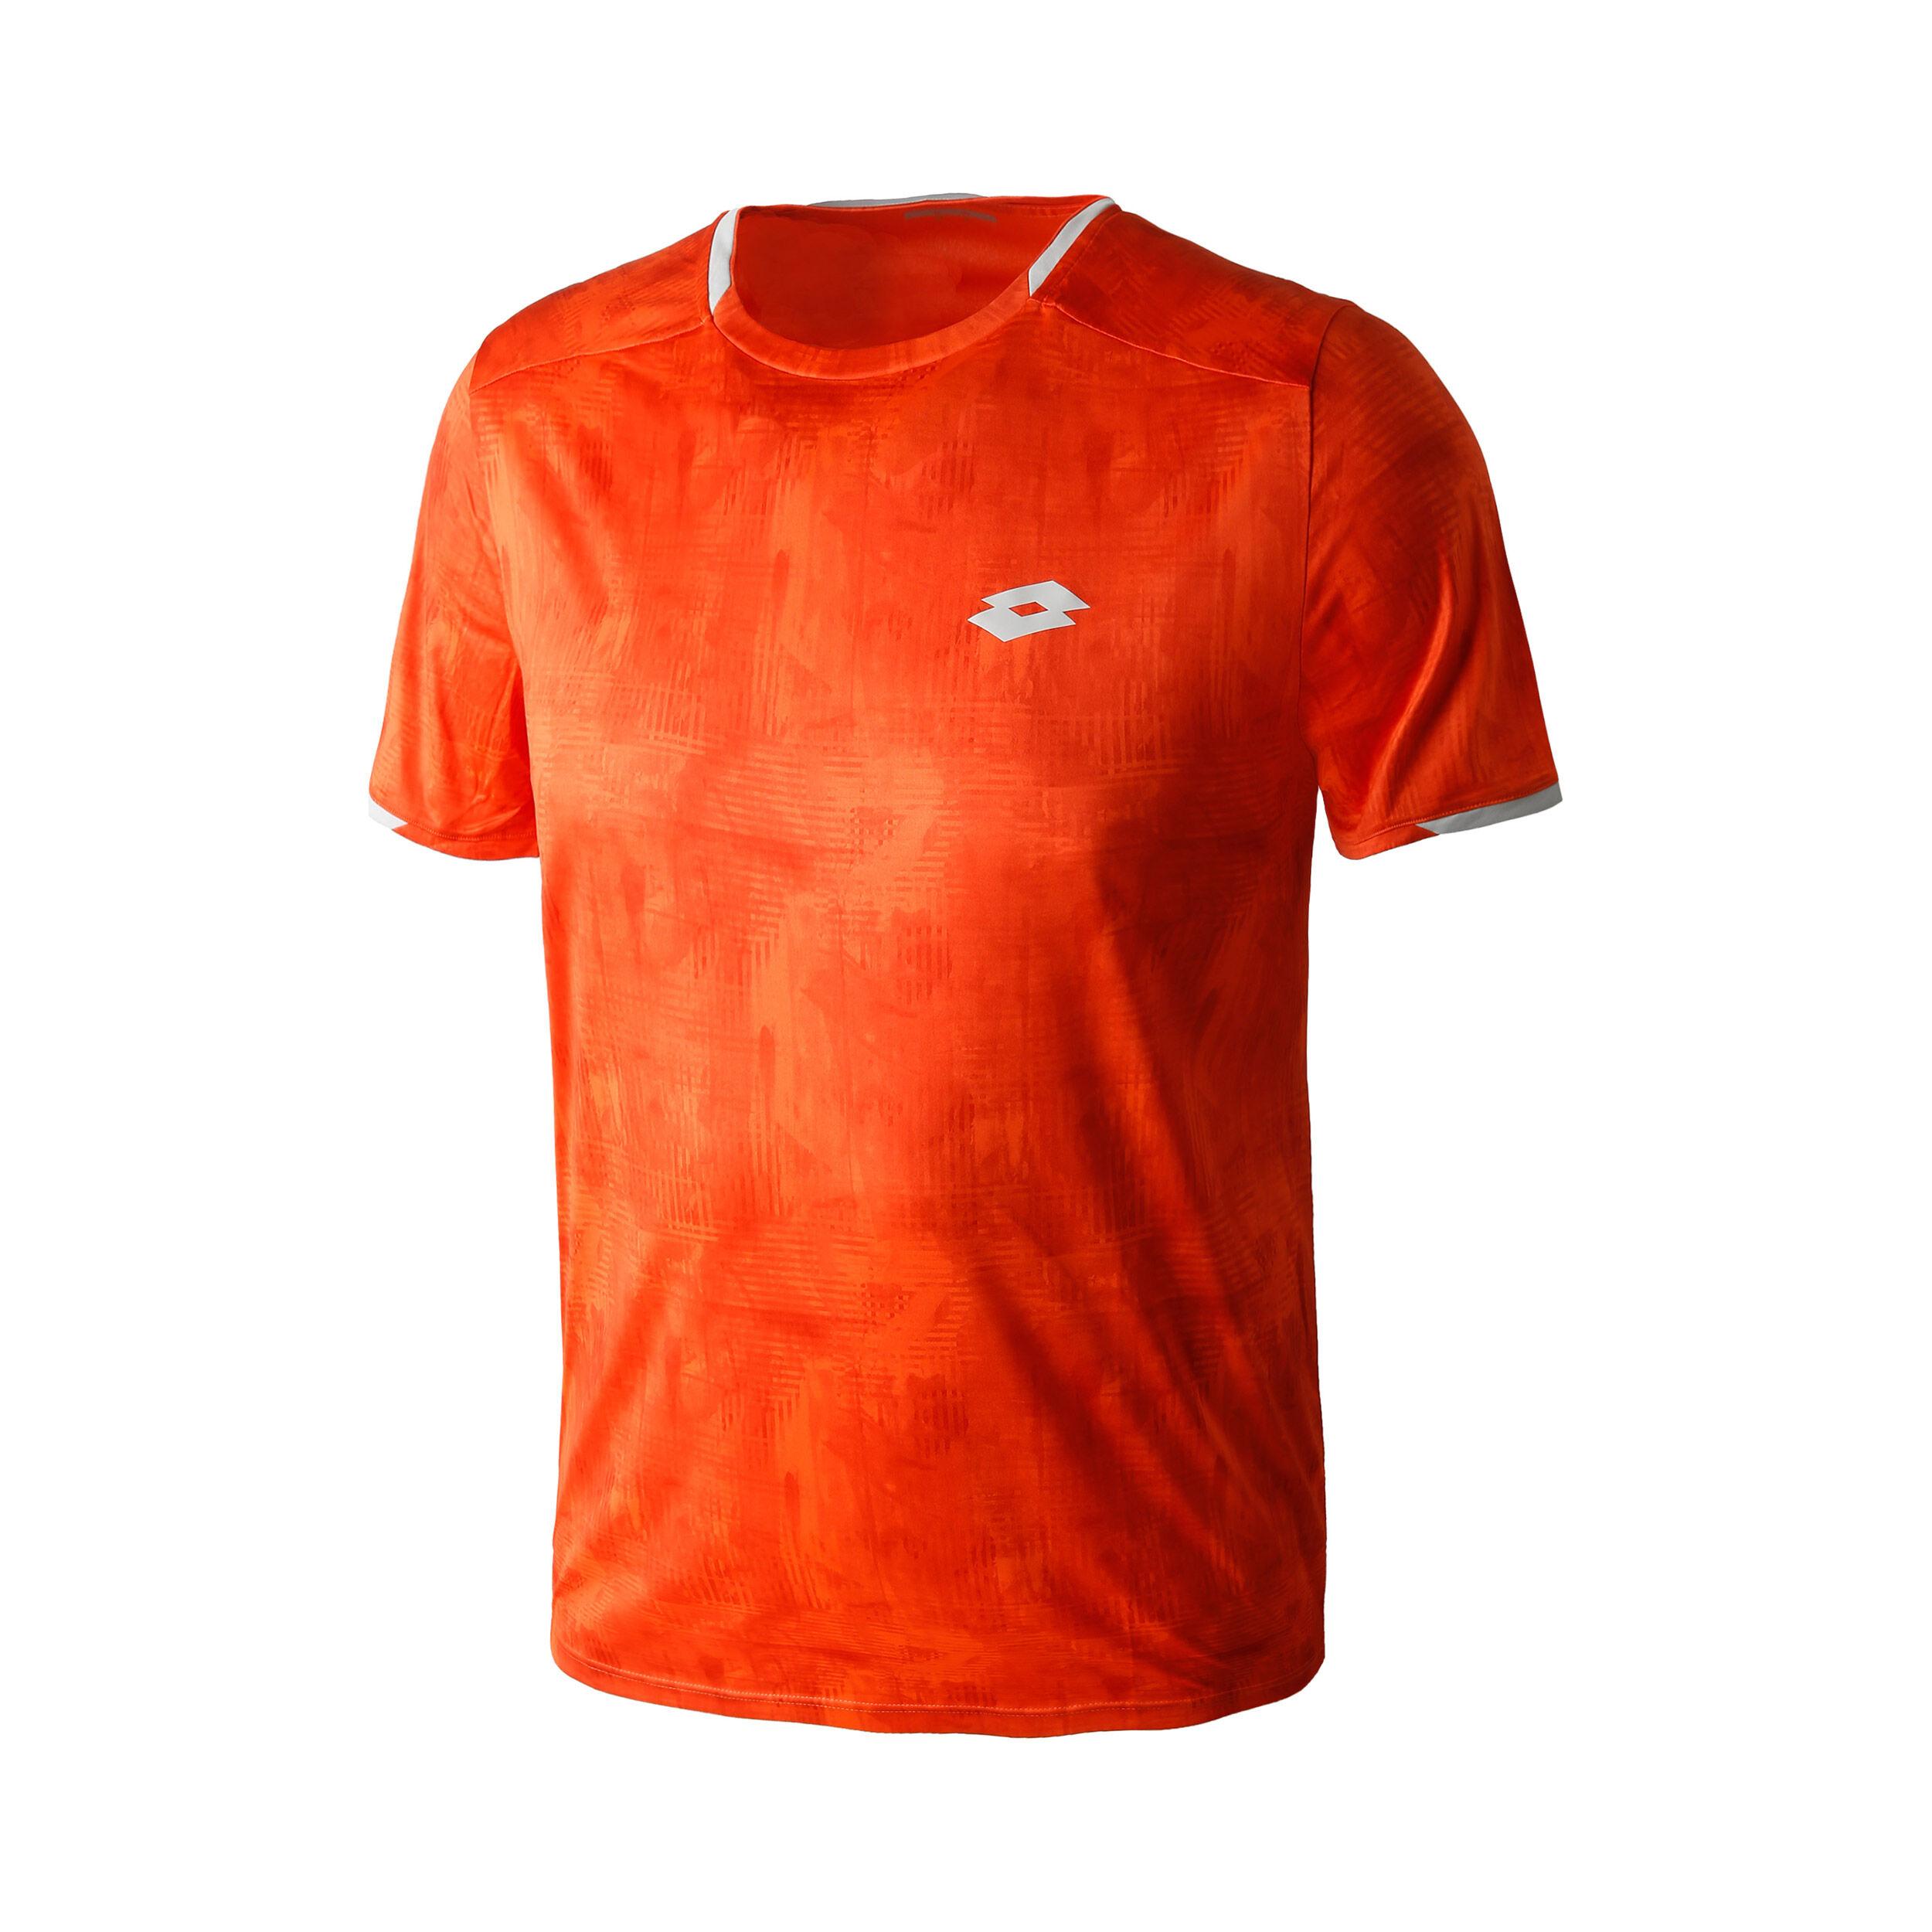 Lotto Top Ten Printed PL T-Shirt Jungen - Orange. Silber online kaufen   Tennis-Point